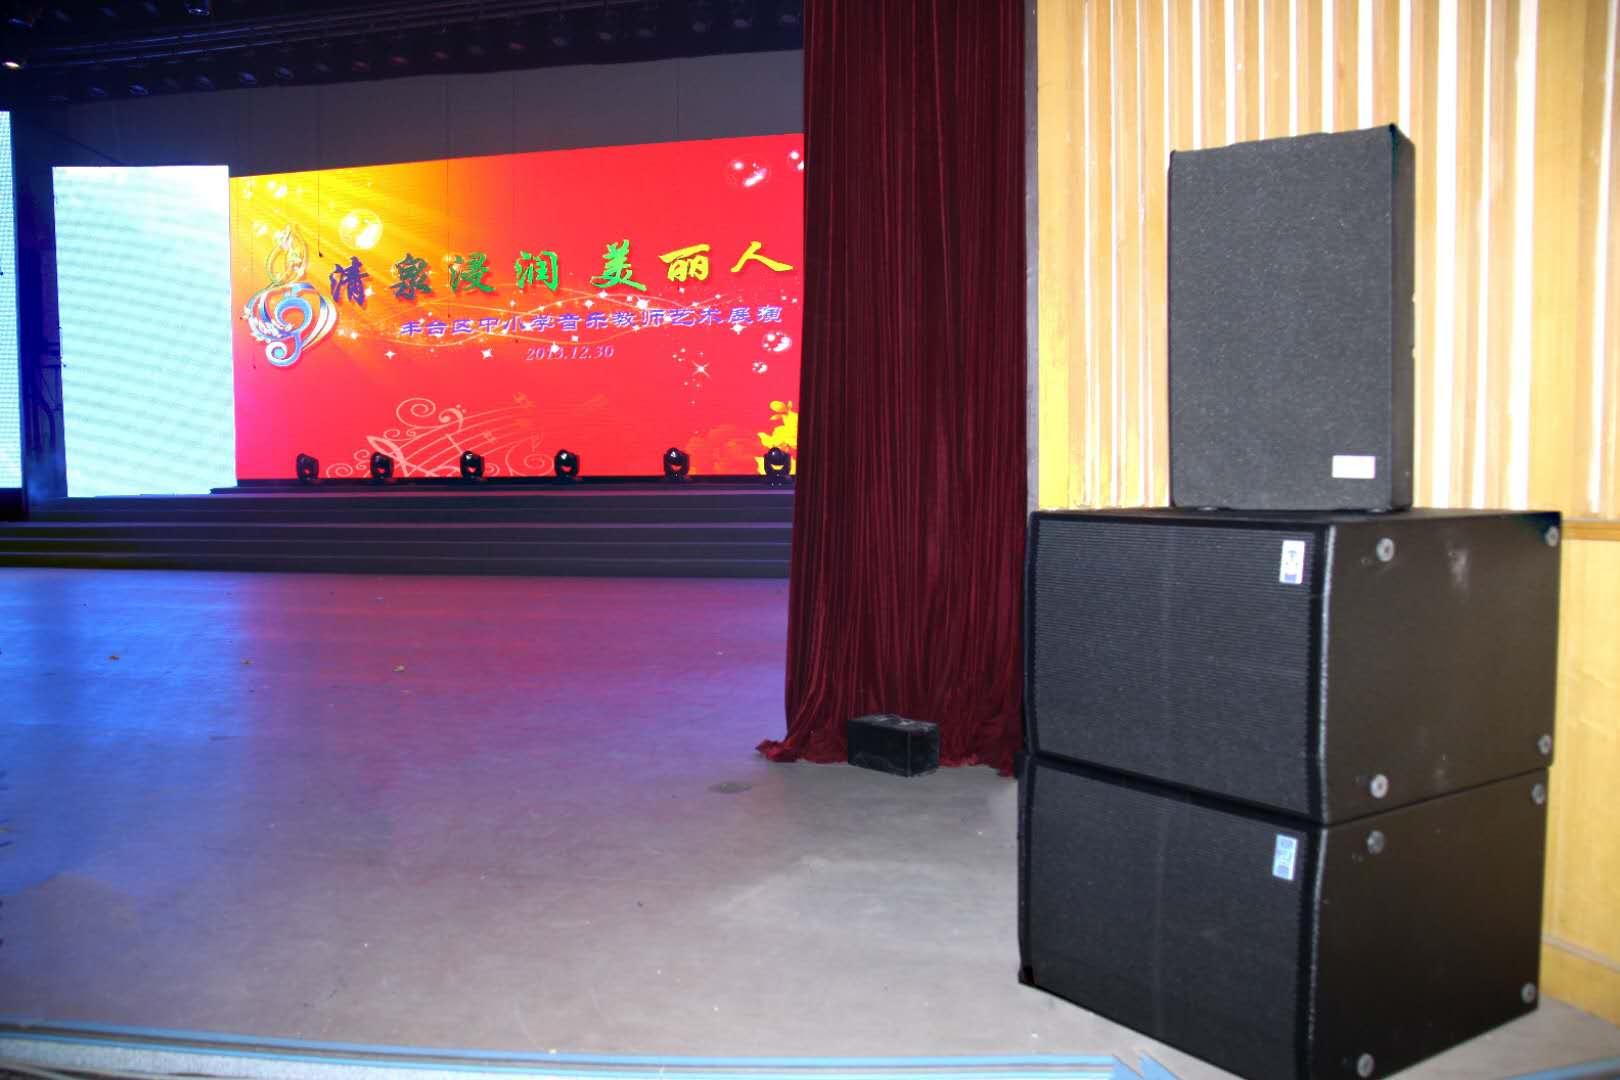 舞台艺术要素之专业音响设备的作用